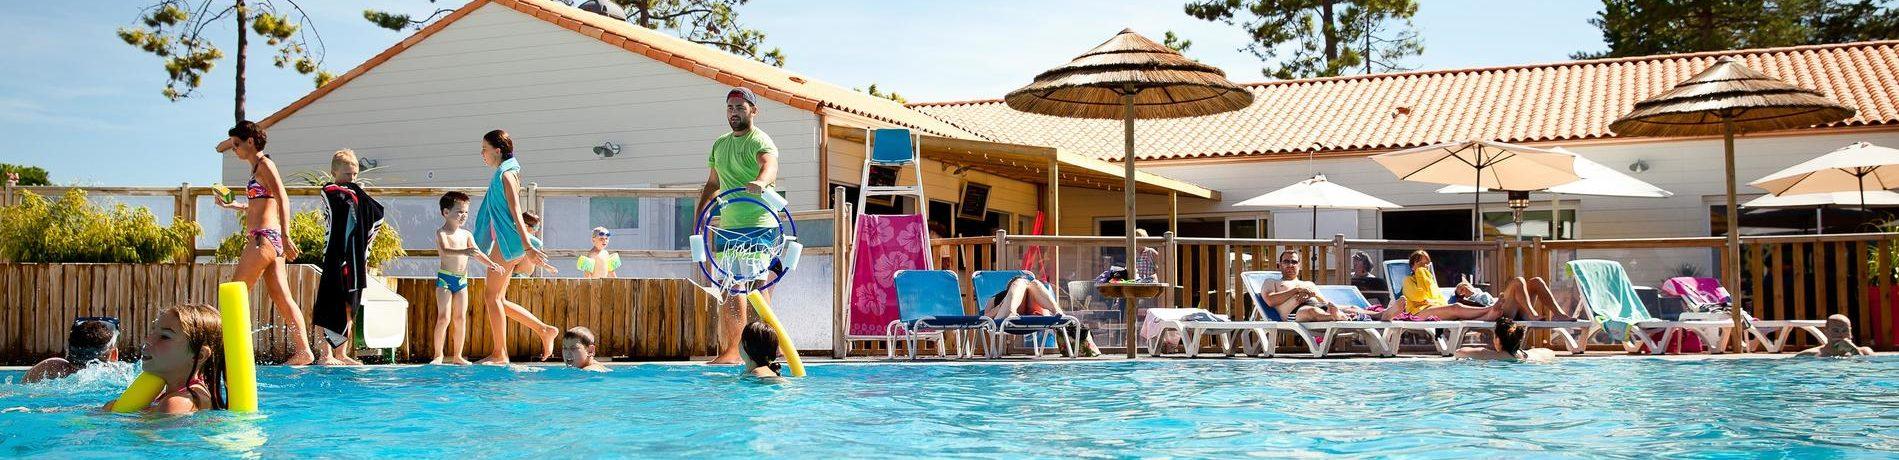 Camping Signol is een kindvriendelijke camping aan zee met zwembad op het eiland Île d'Oléron aan de Atlantische kust van de Charente-Maritime.